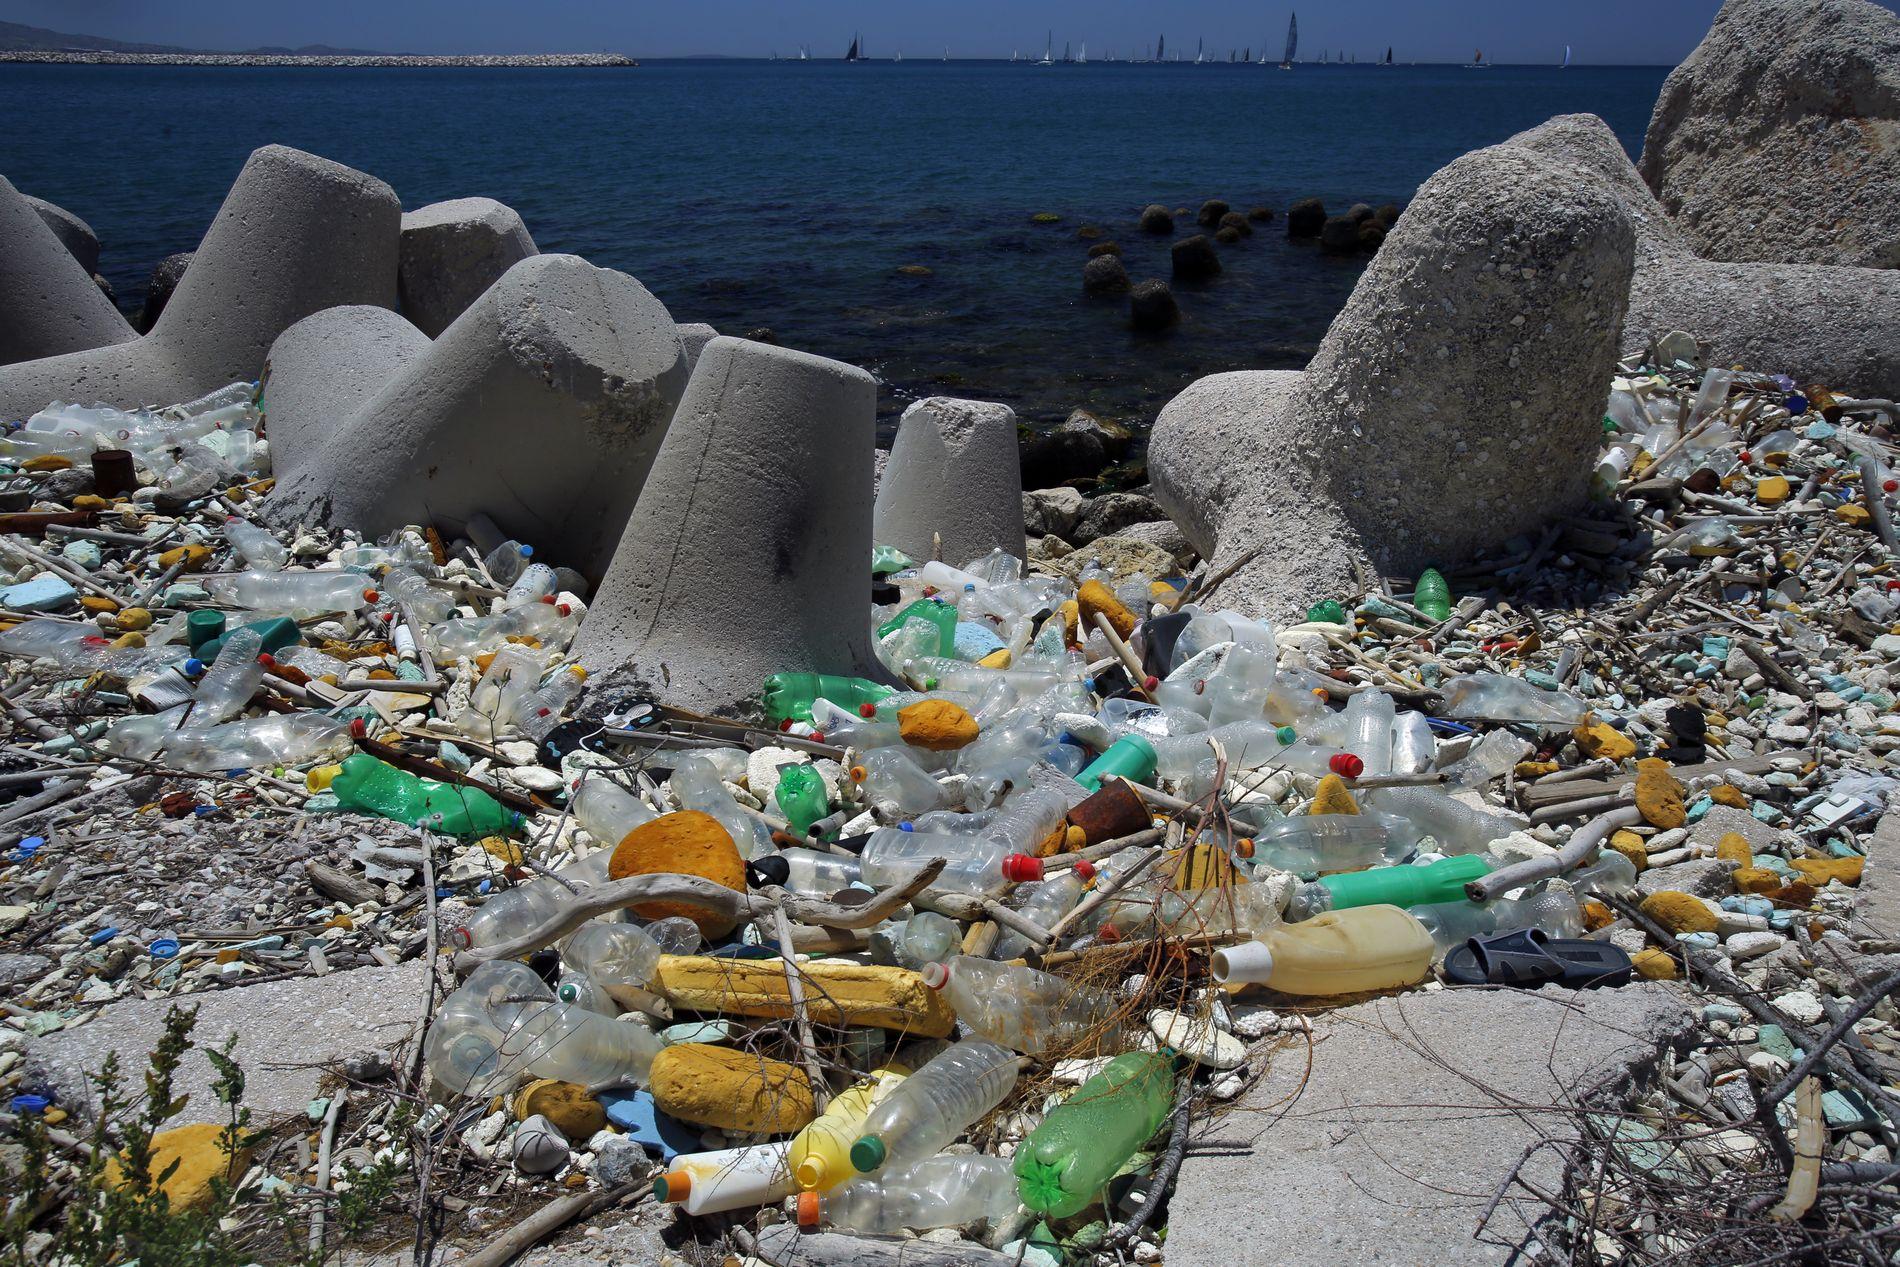 HAVNER I HAVET: Middelhavet er fult av plastsøppel, og turistene bidrar mye til dette om sommeren.